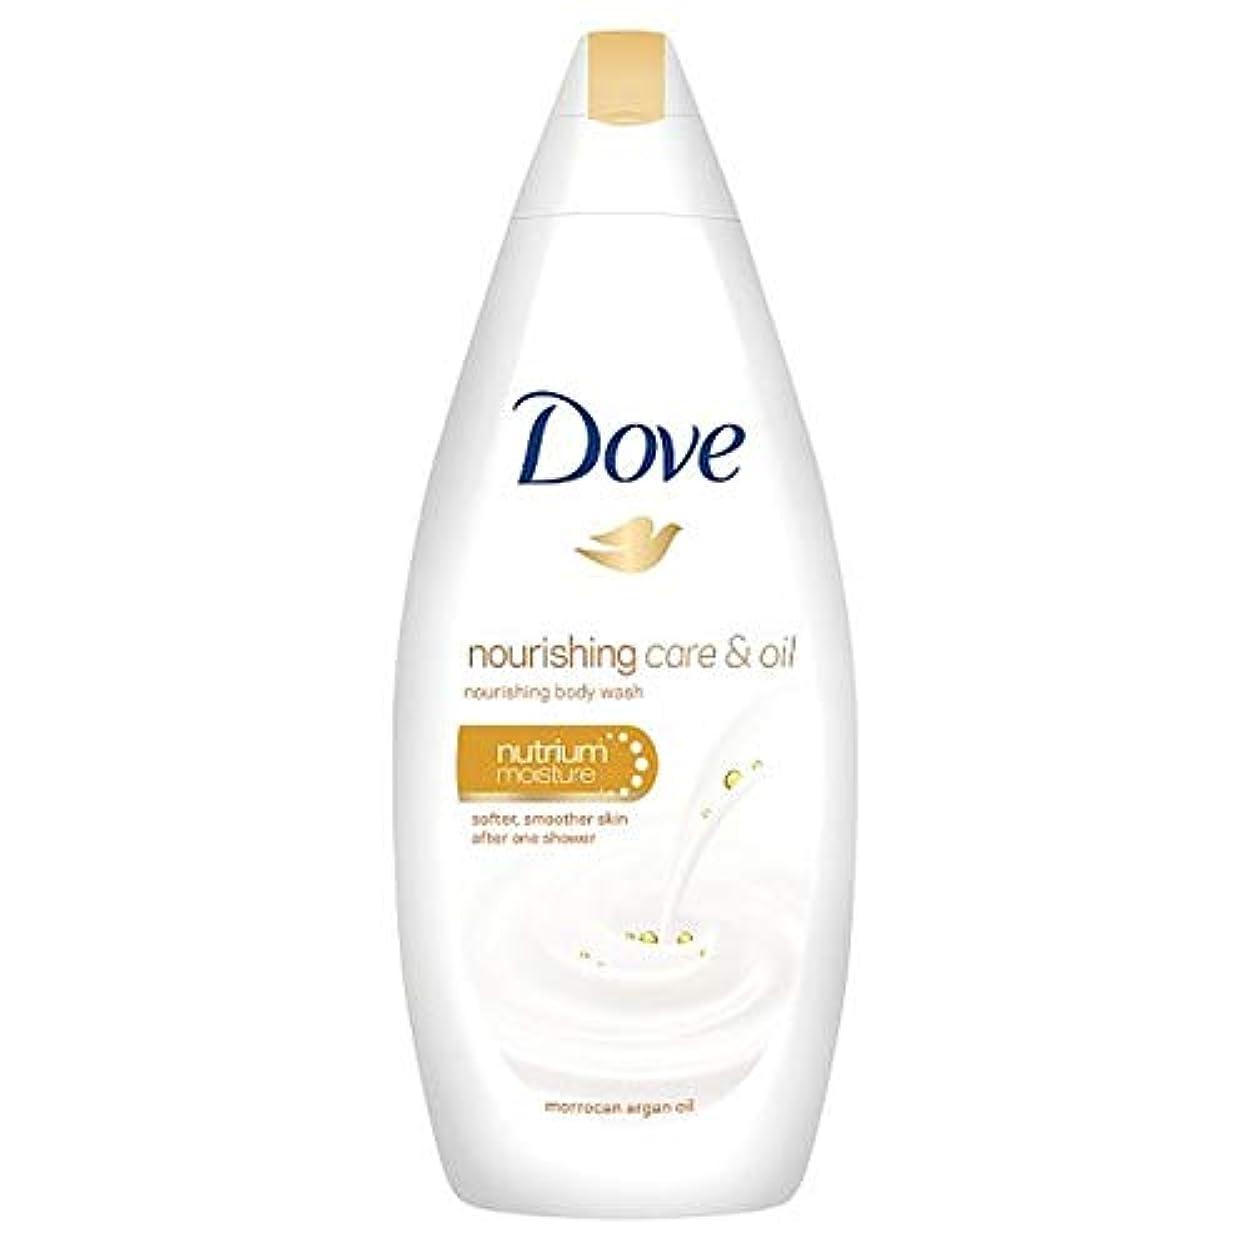 主人読む抑制する[Dove] 鳩栄養ケアとオイルボディウォッシュ250ミリリットル - Dove Nourishing Care And Oil Body Wash 250Ml [並行輸入品]